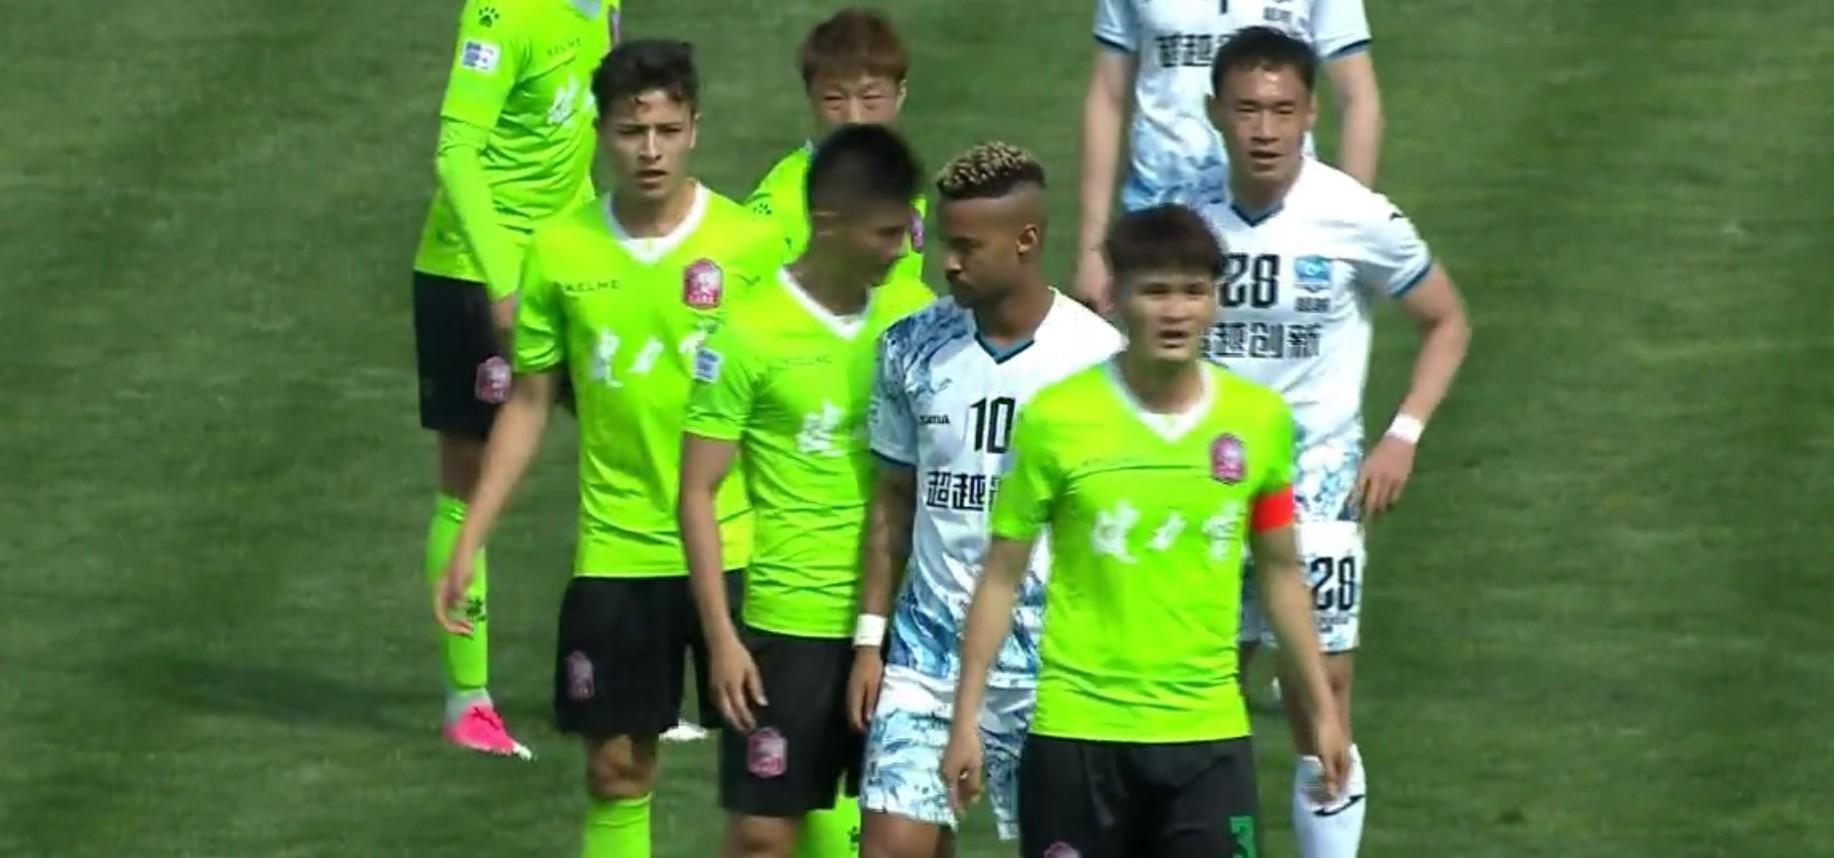 李铮:新疆2-2超越开局8轮不胜徐擎、萨比提破门汉